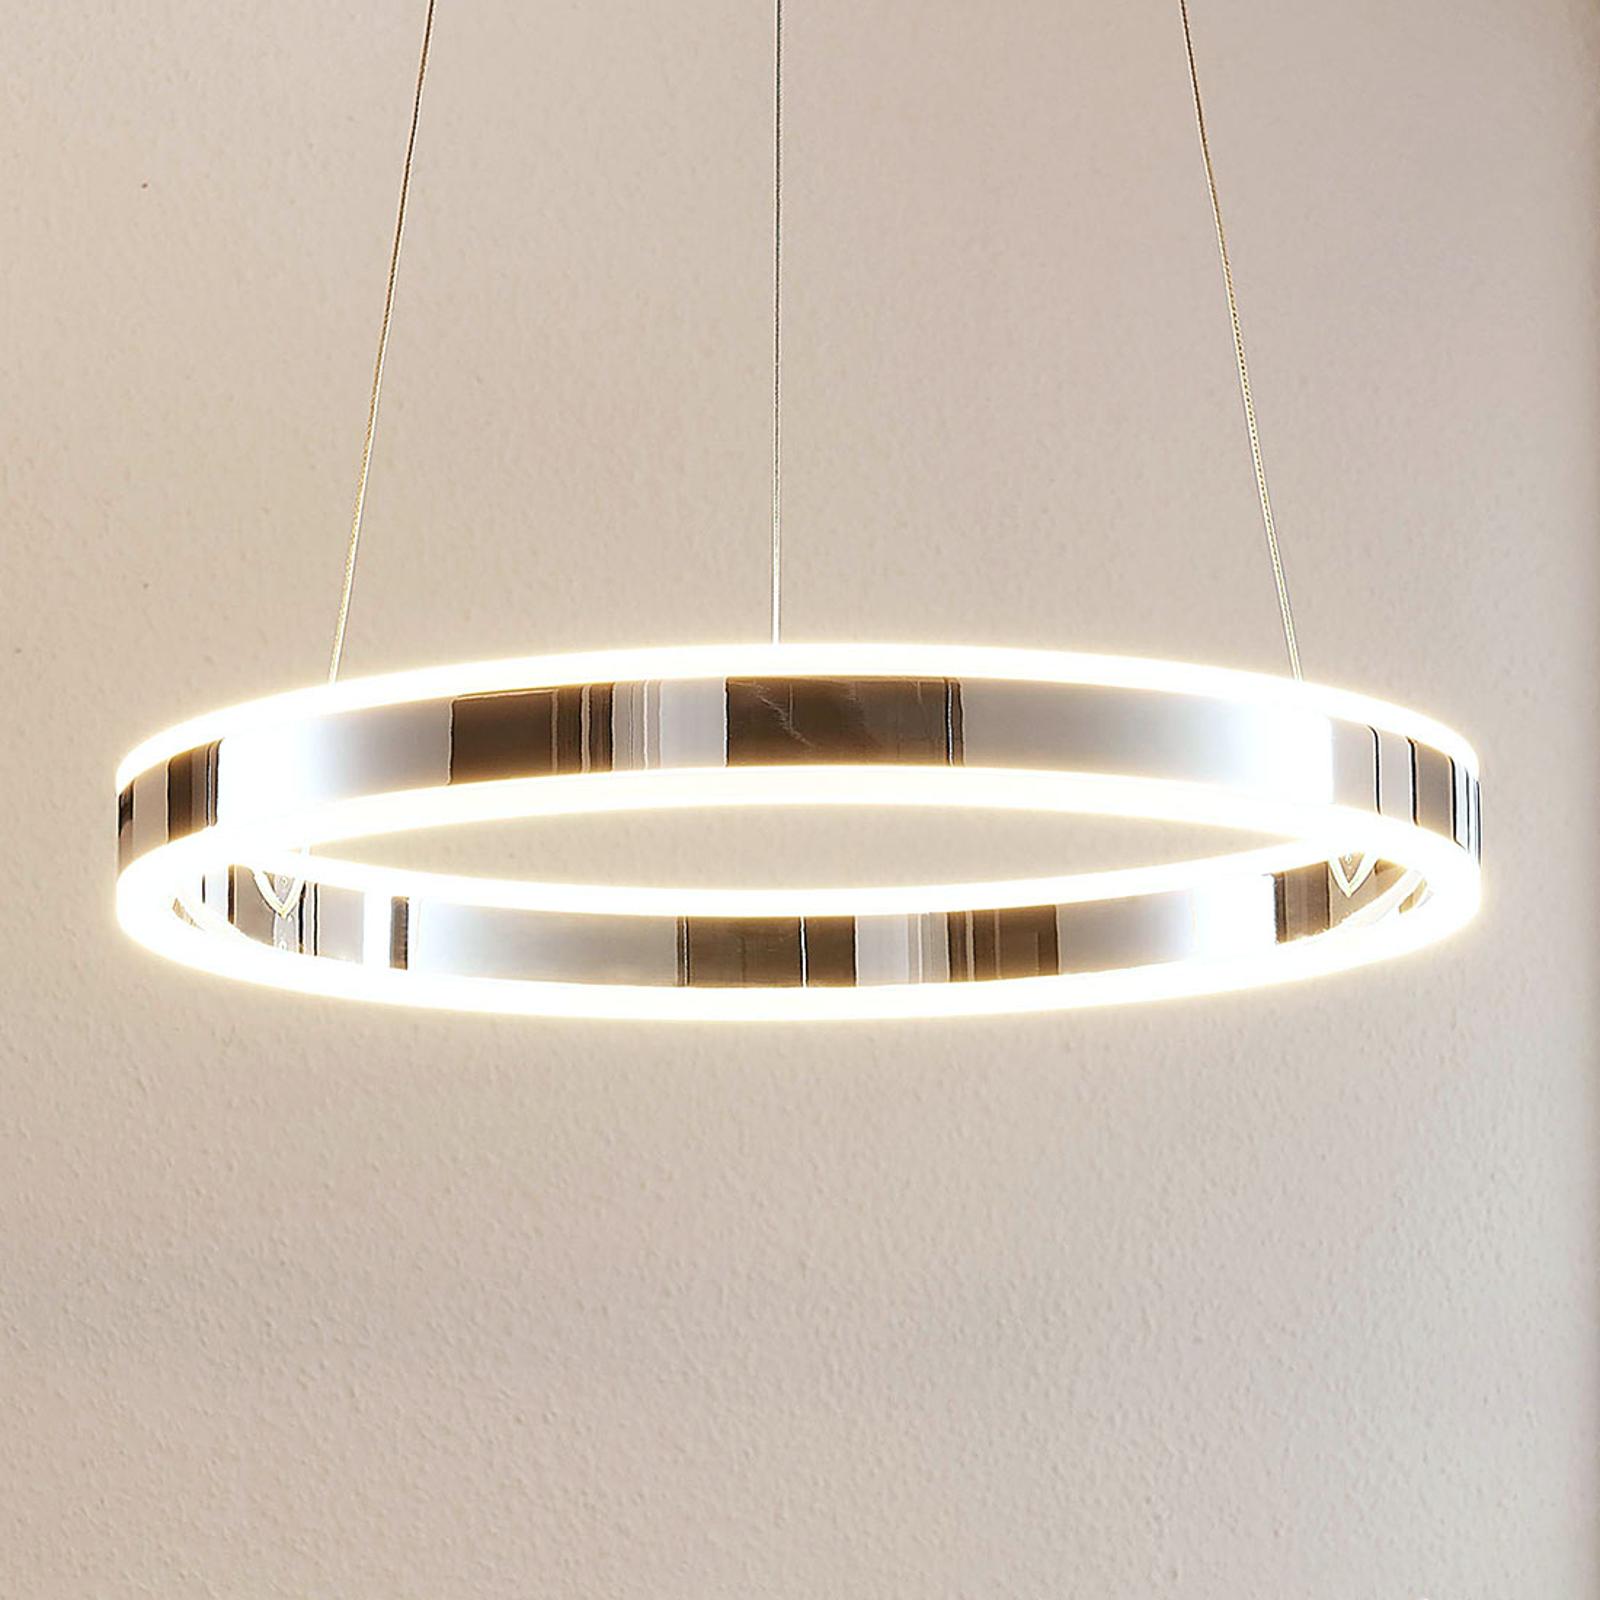 LED-Pendelleuchte Lyani in Chrom, dimmbar, 50 cm